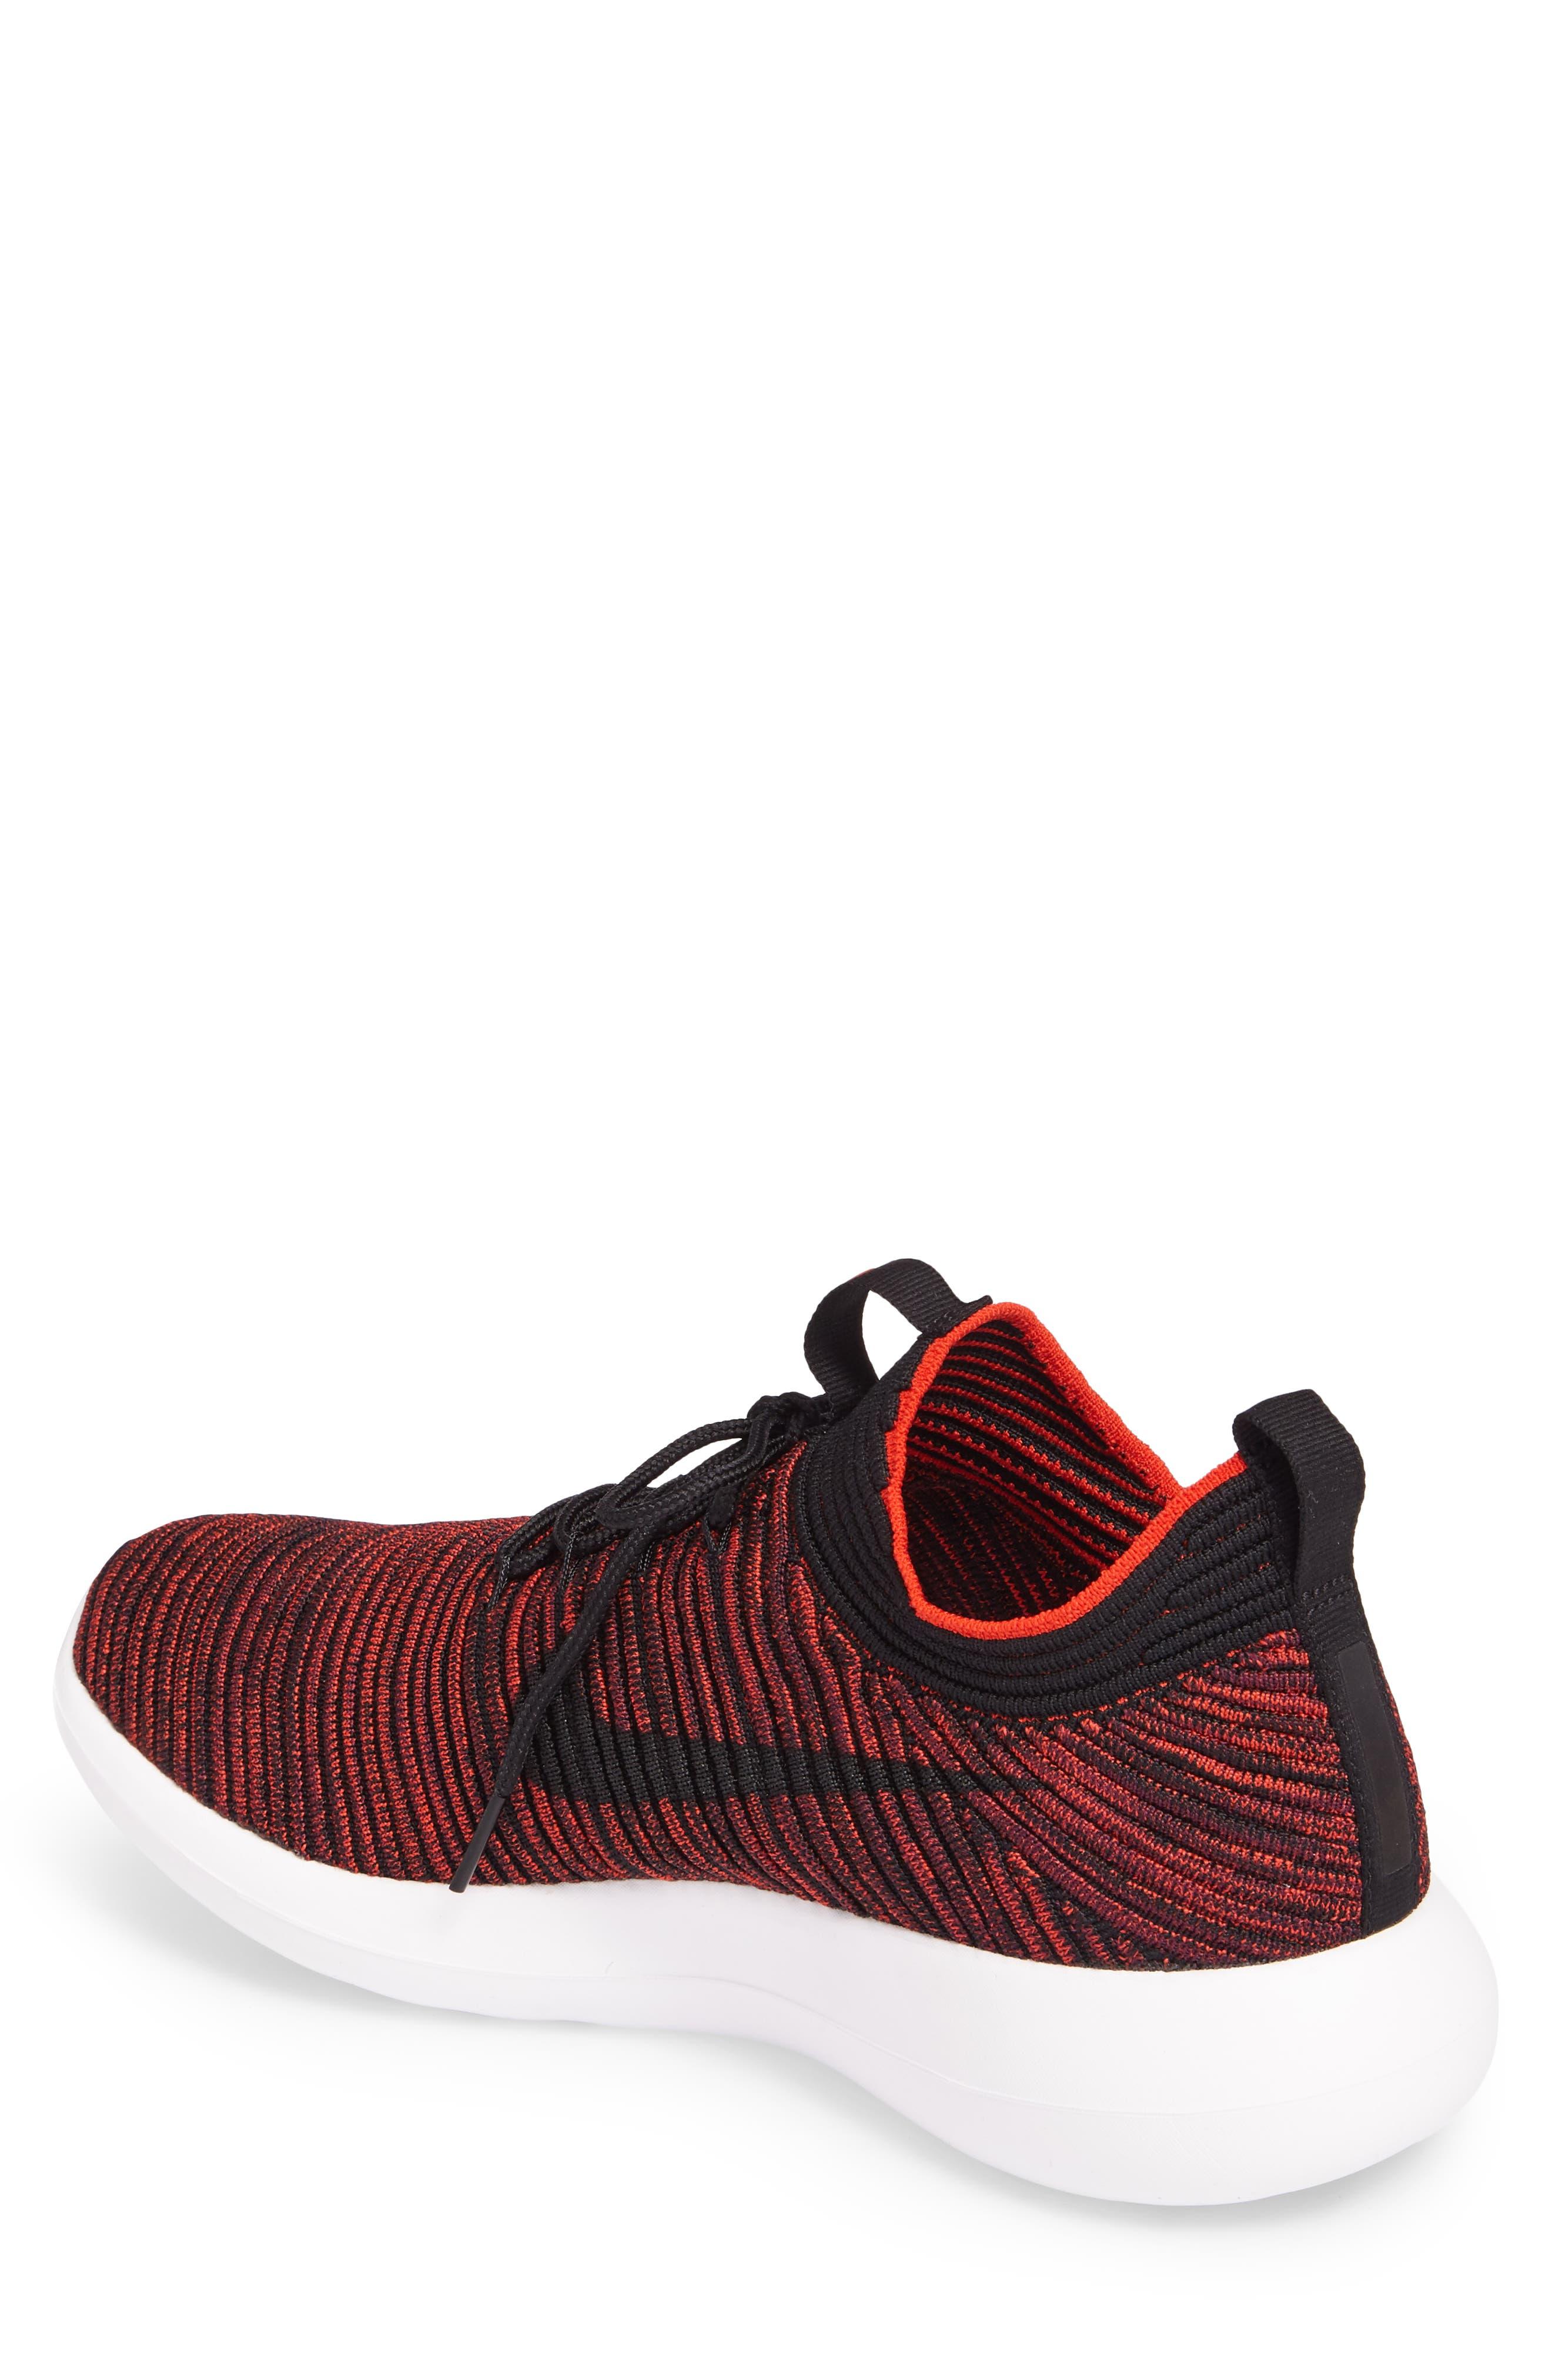 Roshe Two Flyknit V2 Sneaker,                             Alternate thumbnail 3, color,                             Chile Red/ Black